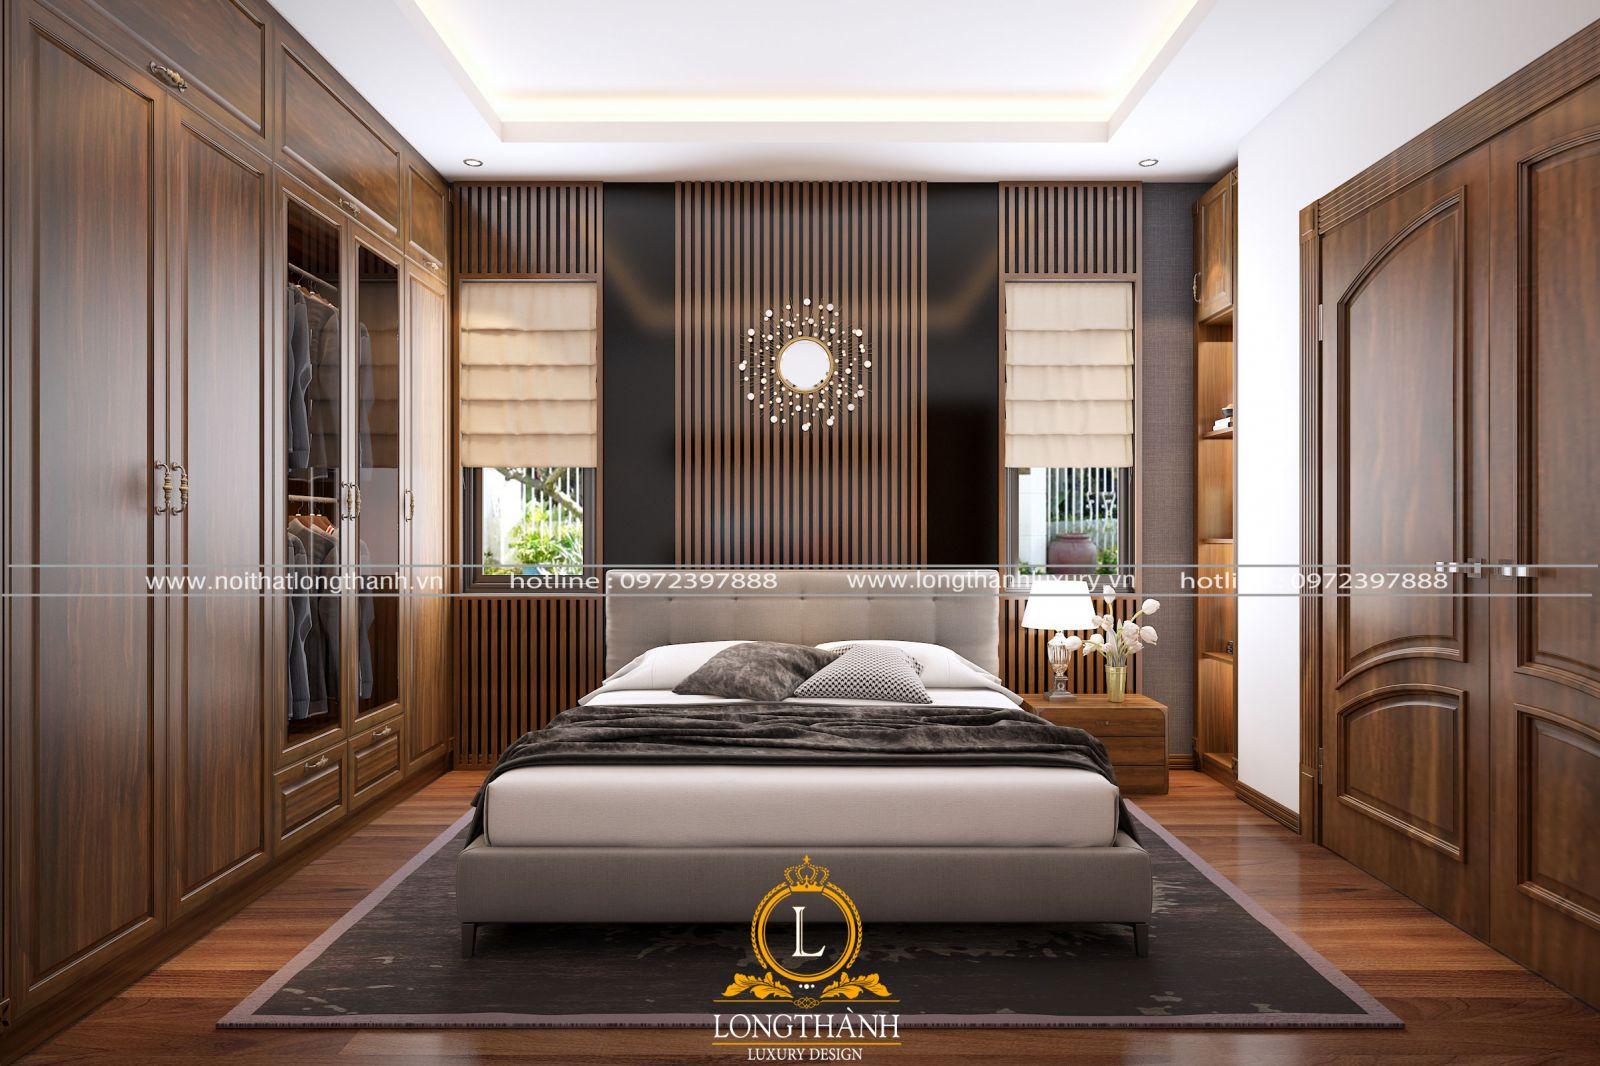 Đơn giản, tiện nghi với phong cách thiết kế phòng ngủ hiện đại